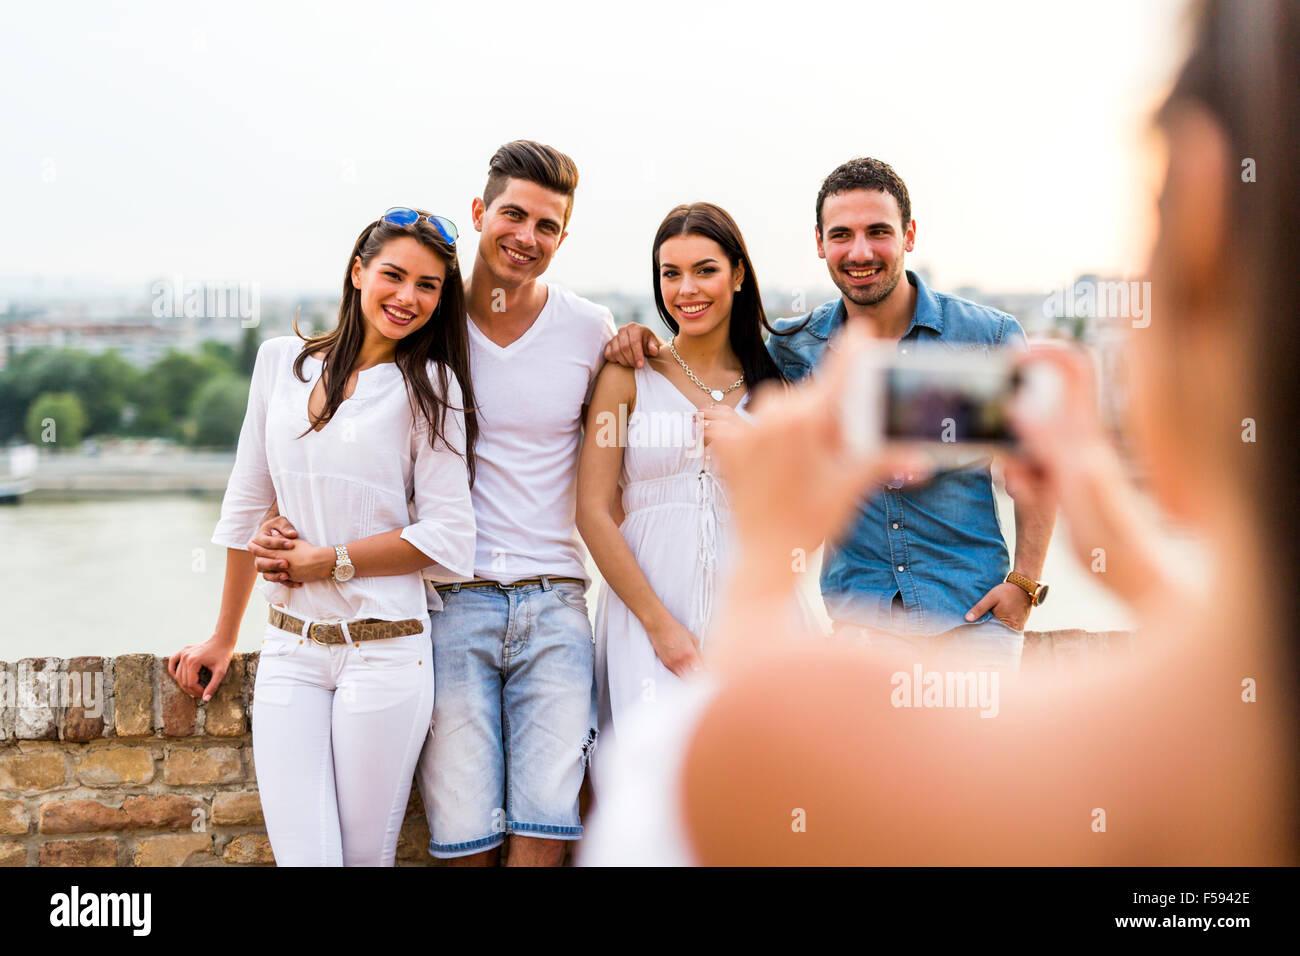 Junge und schöne Paare fotografieren mit smartphone Stockbild